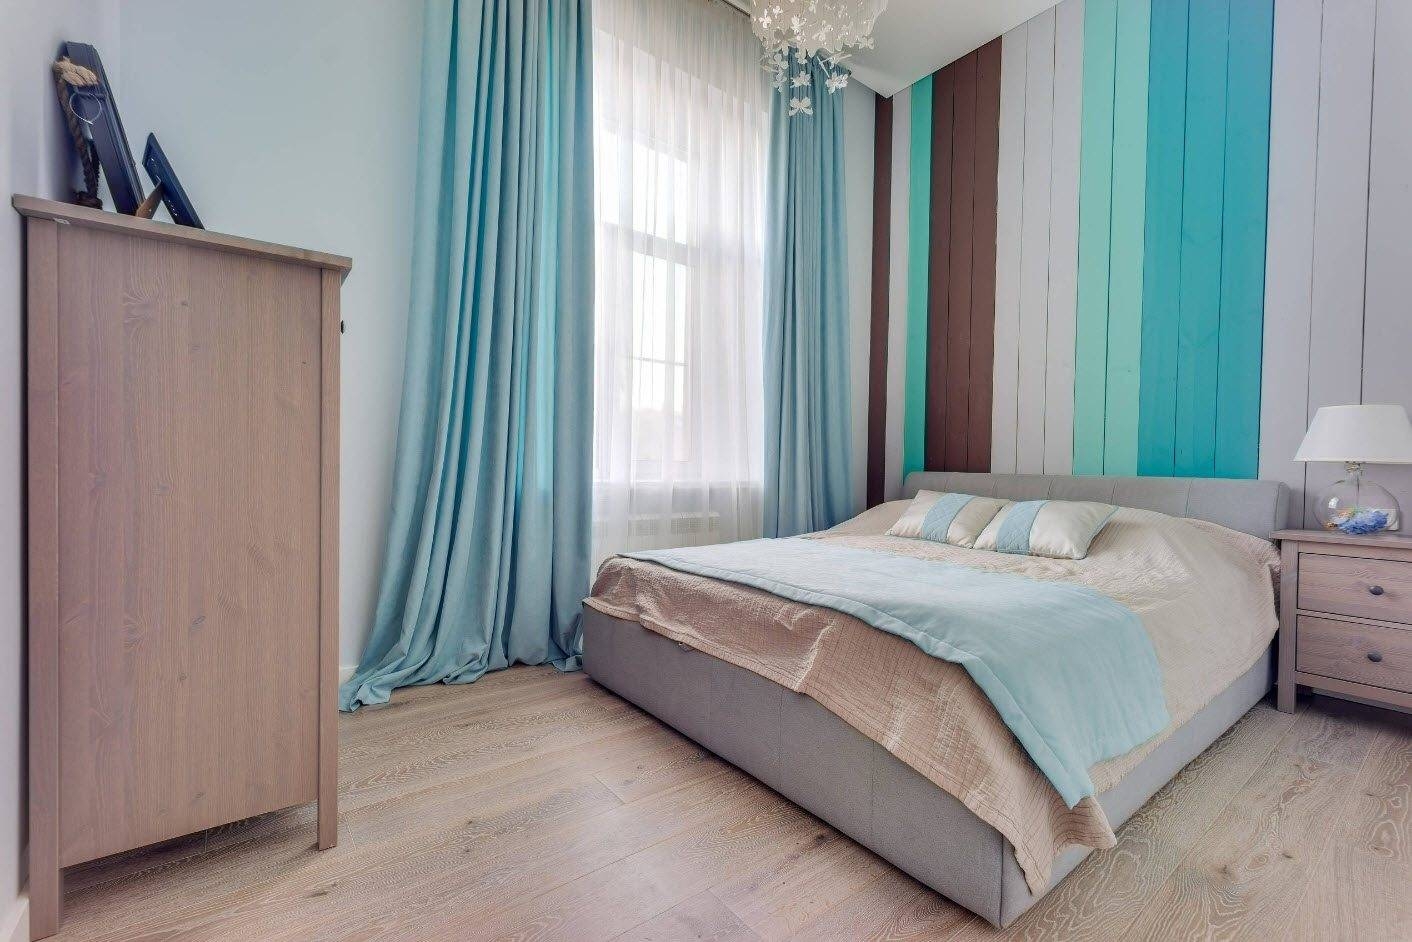 Дизайн большой спальни (48 фото): интерьер квартиры размером 40 кв. метров, нюансы обустройства комнаты площадью 25 и 30 кв. м